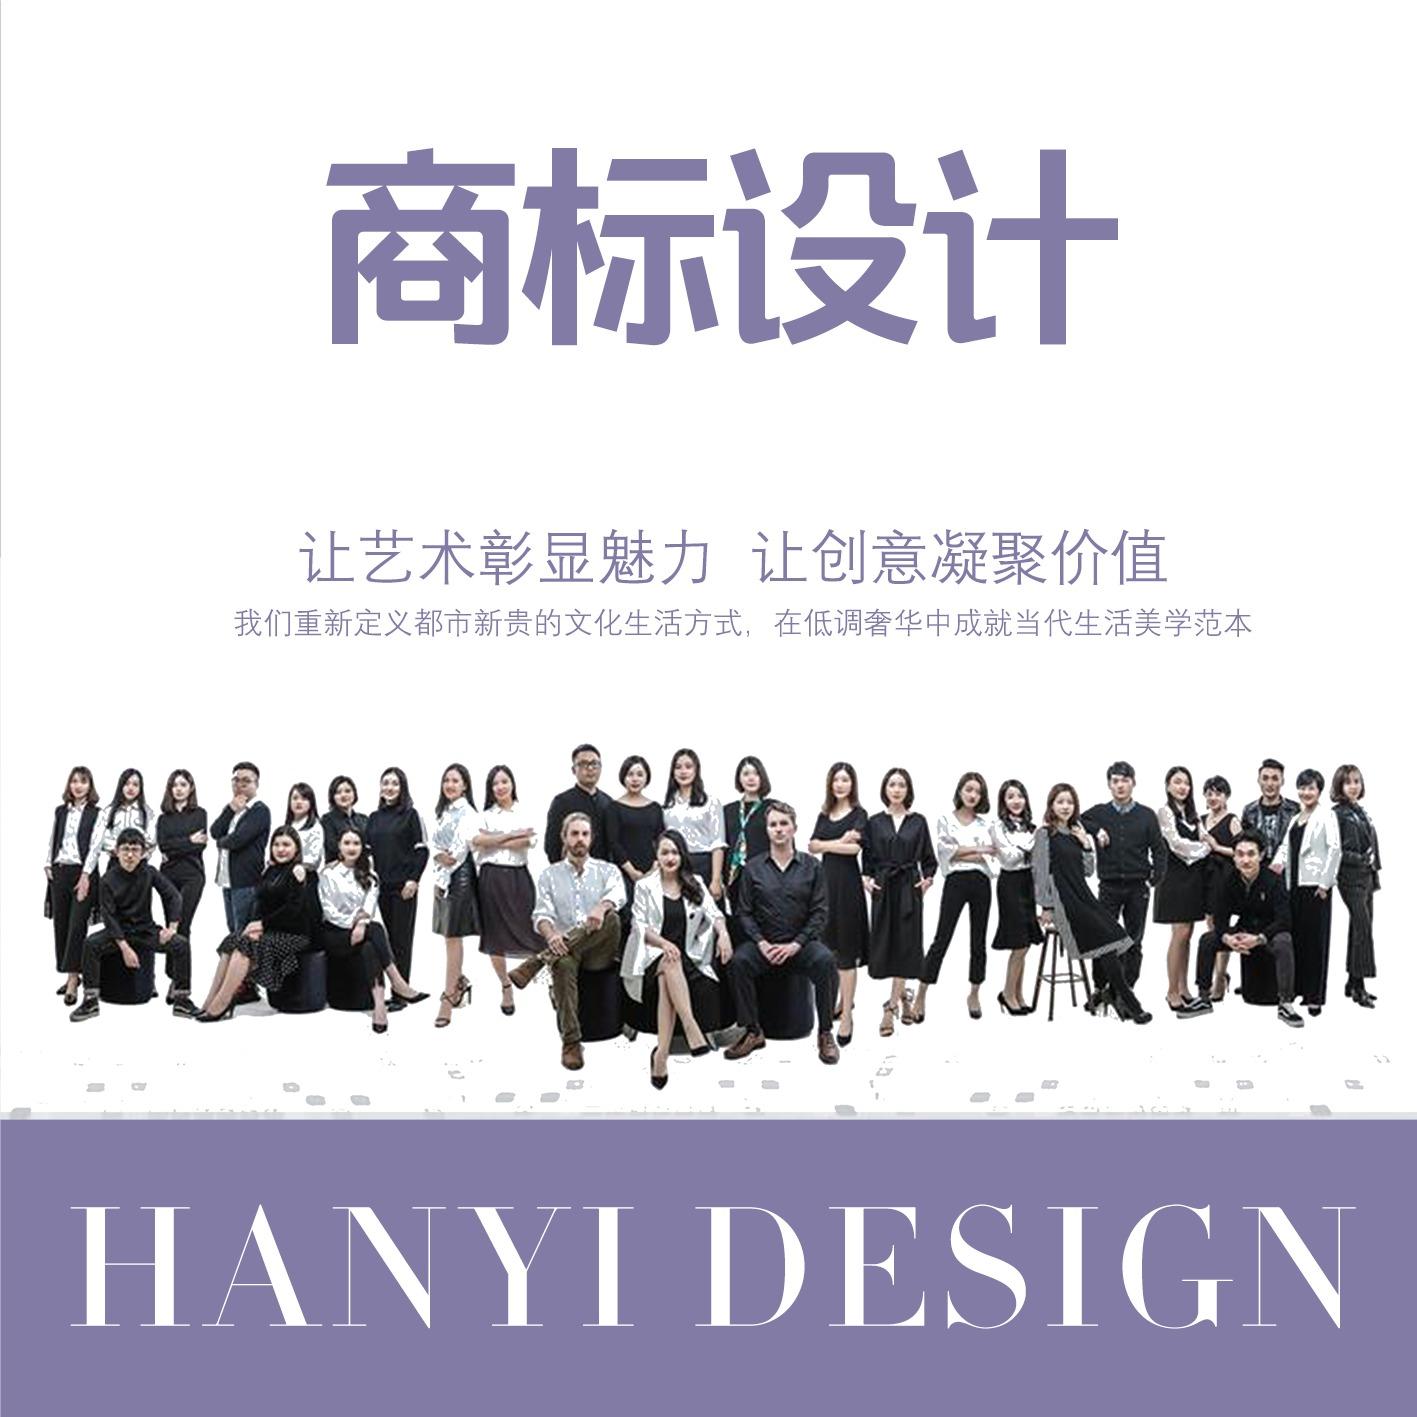 【品牌设计-新锐版】公司企业标志logo产品商标高端定制设计